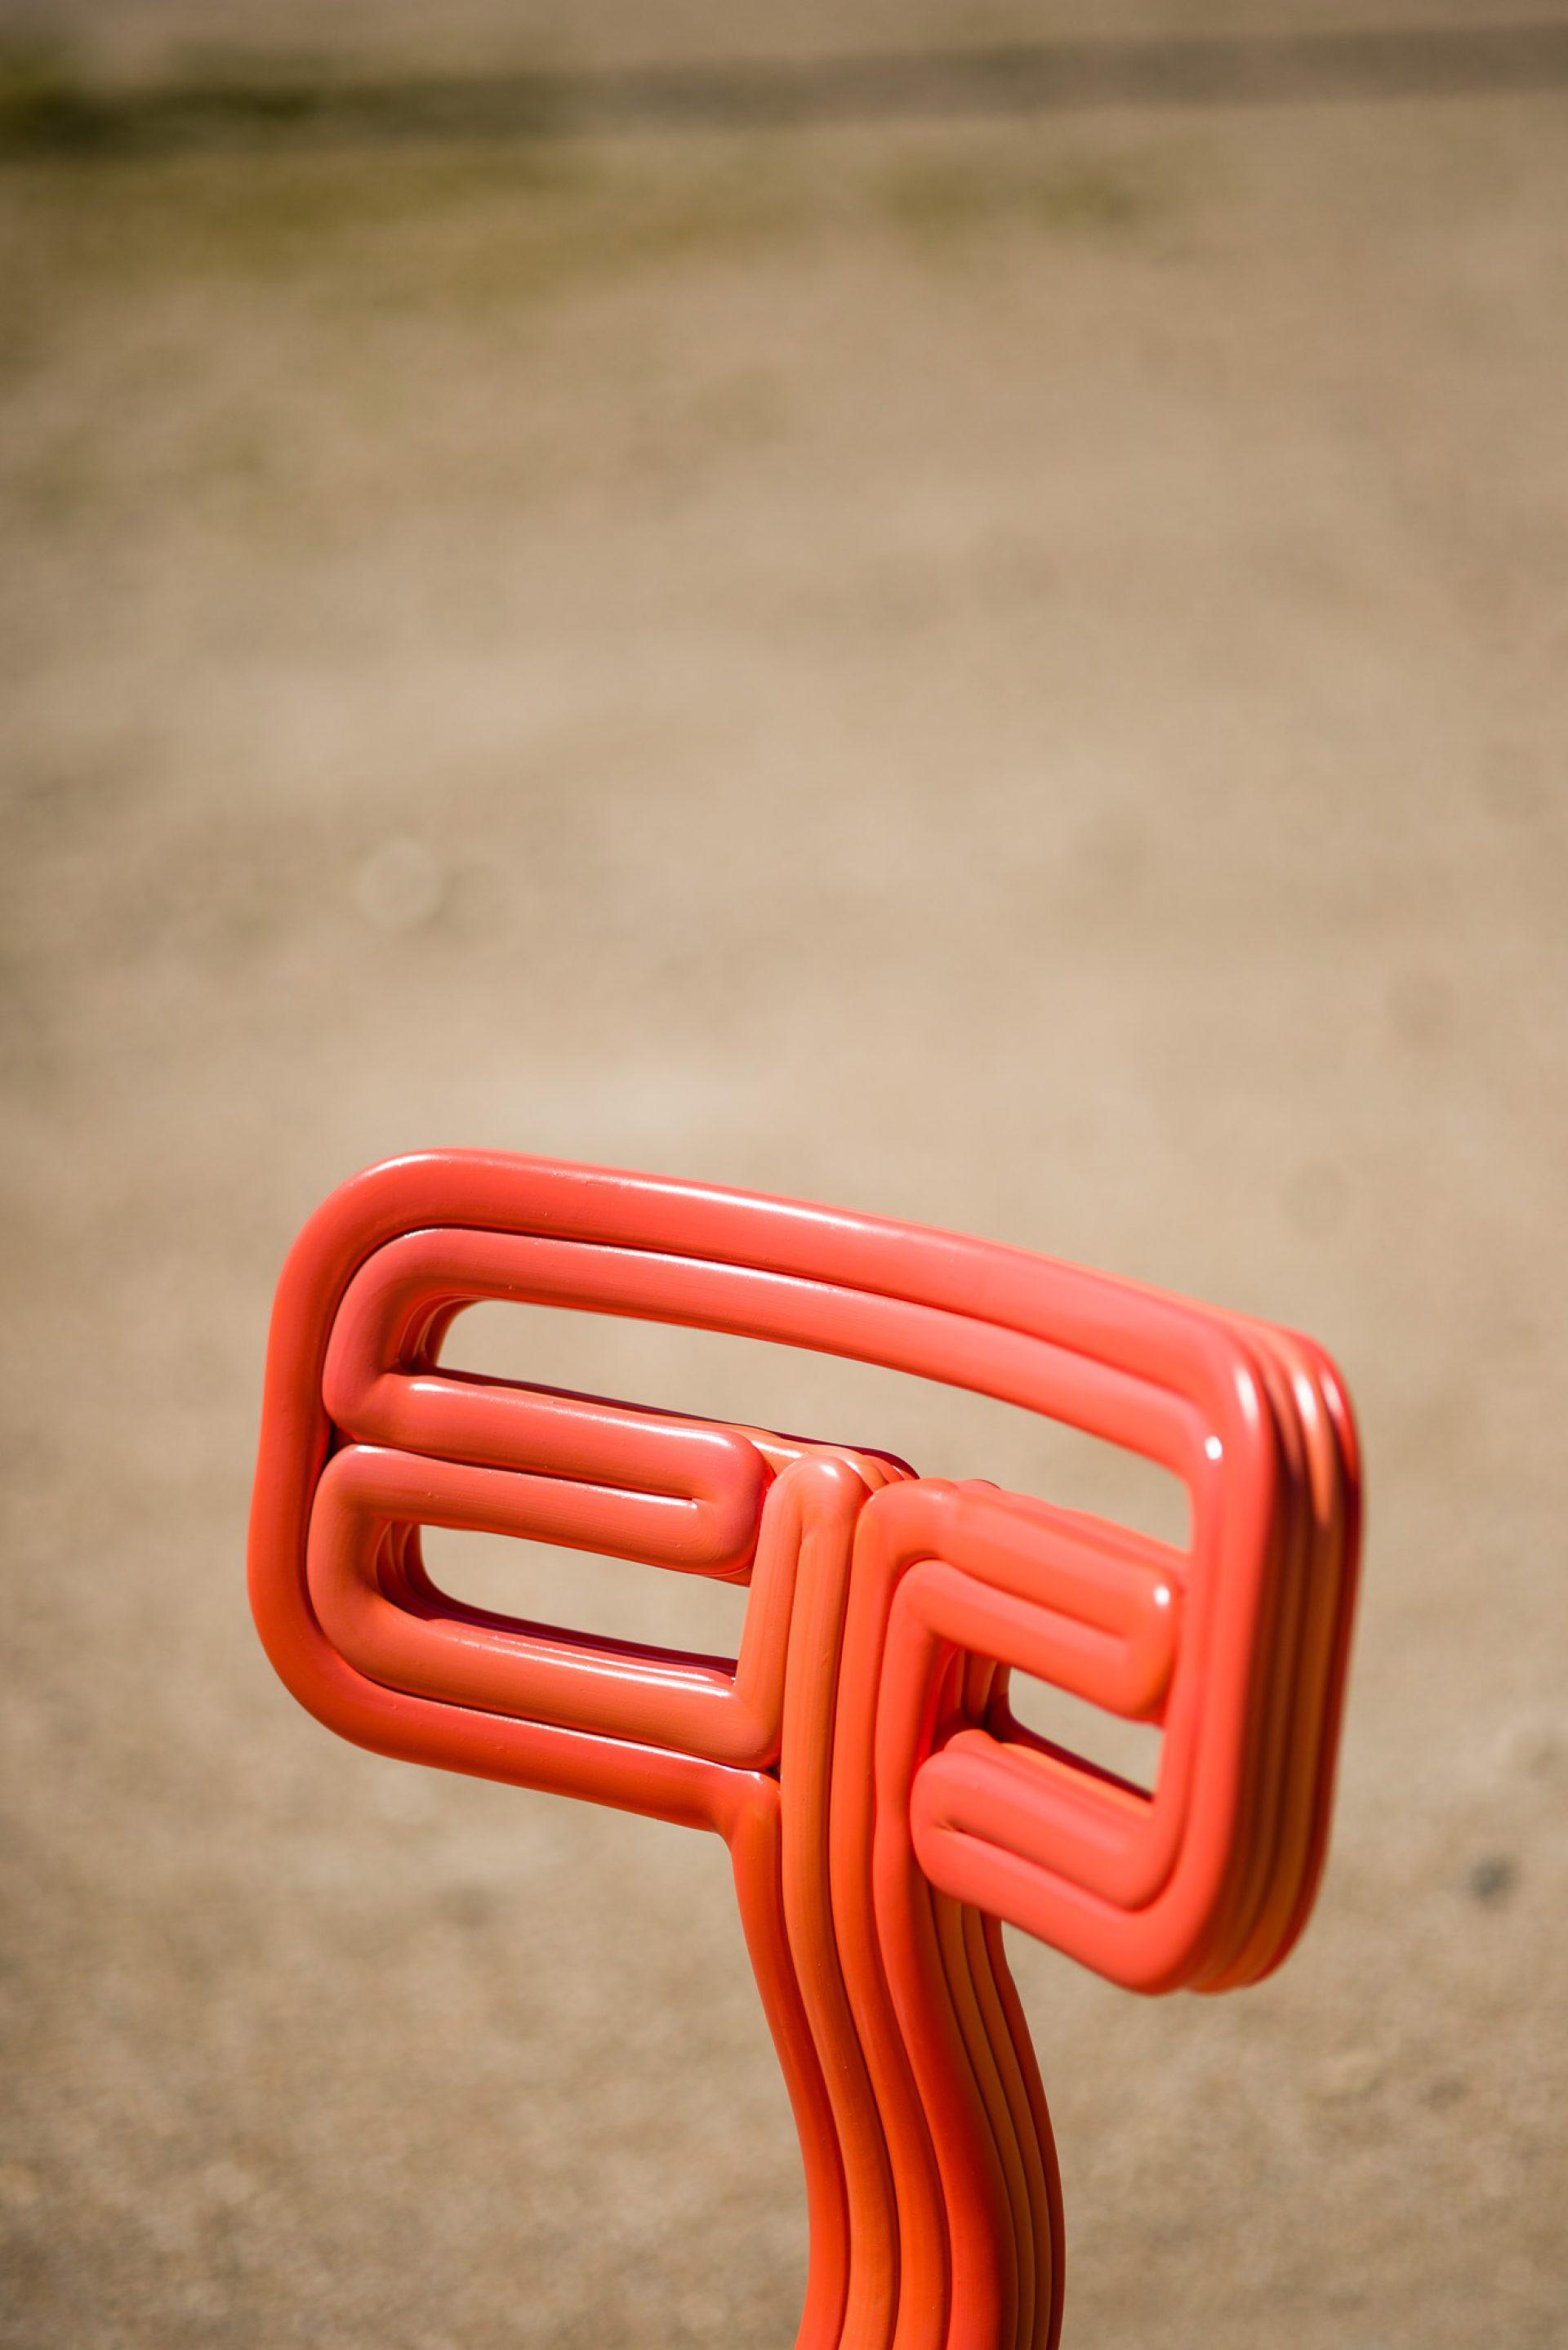 Kooij Chubby Chair Ember designed by Dirk van der Kooij